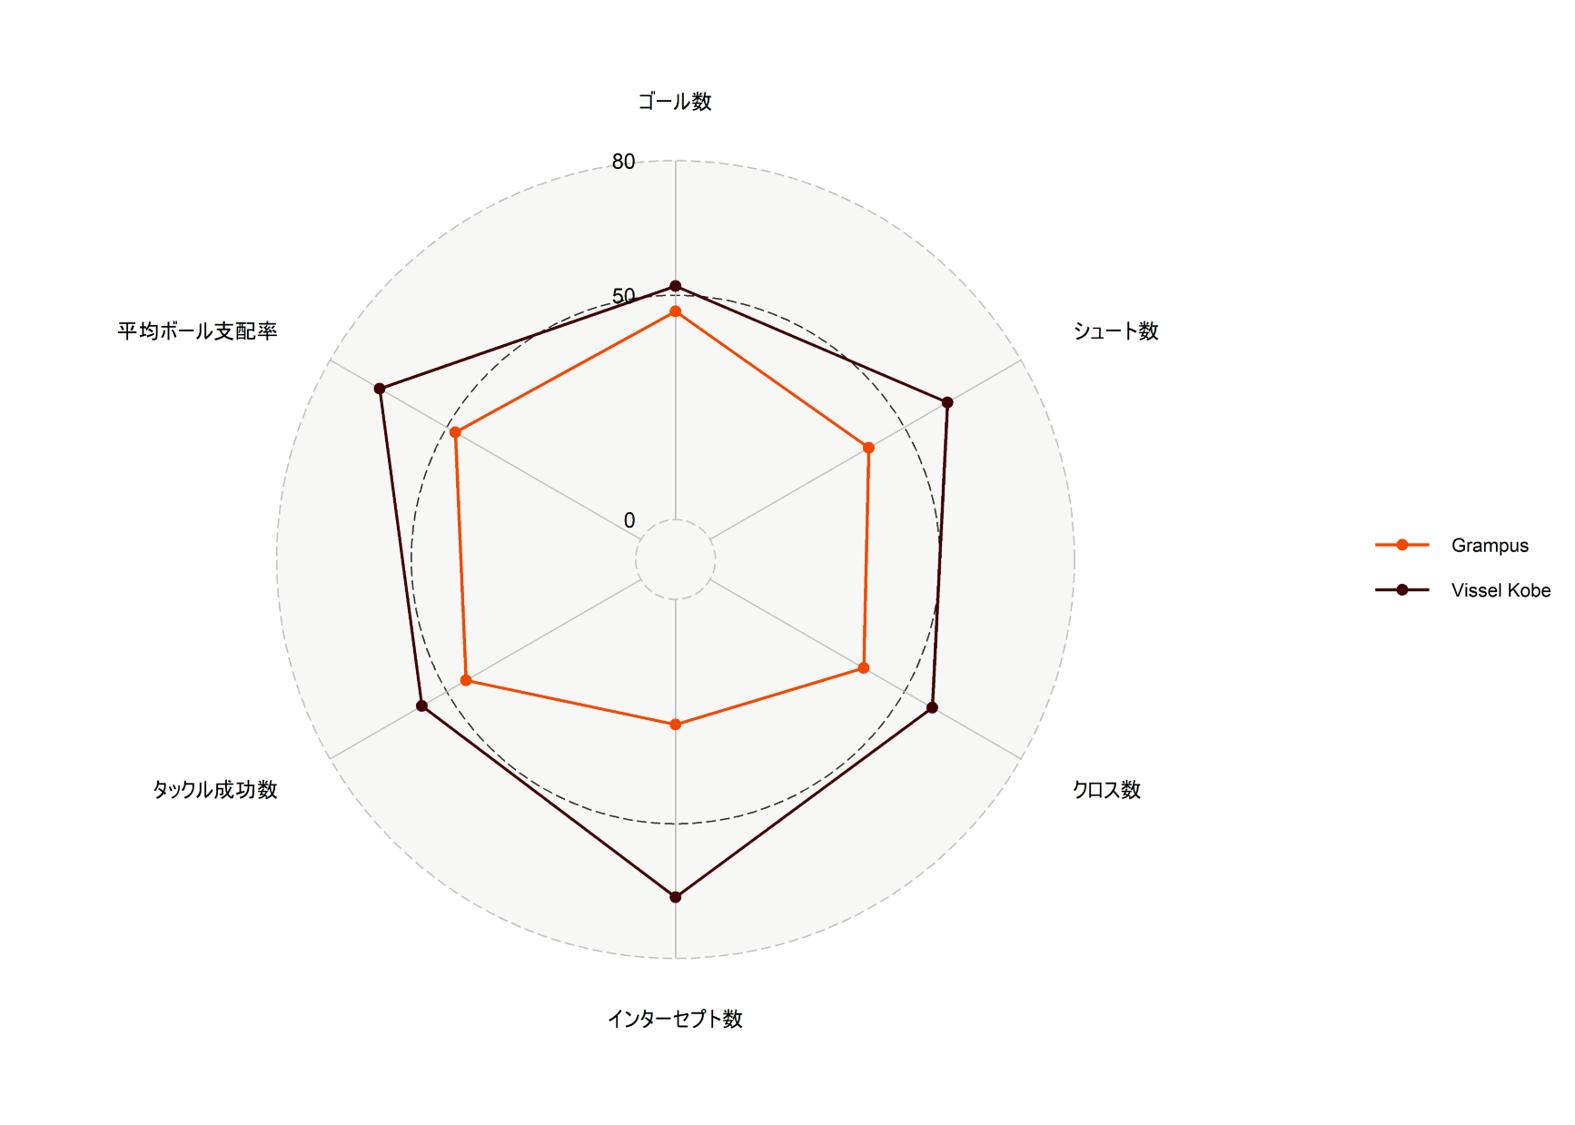 暫定版17節時点でのヴィッセル神戸と名古屋グランパスのレーダーチャート